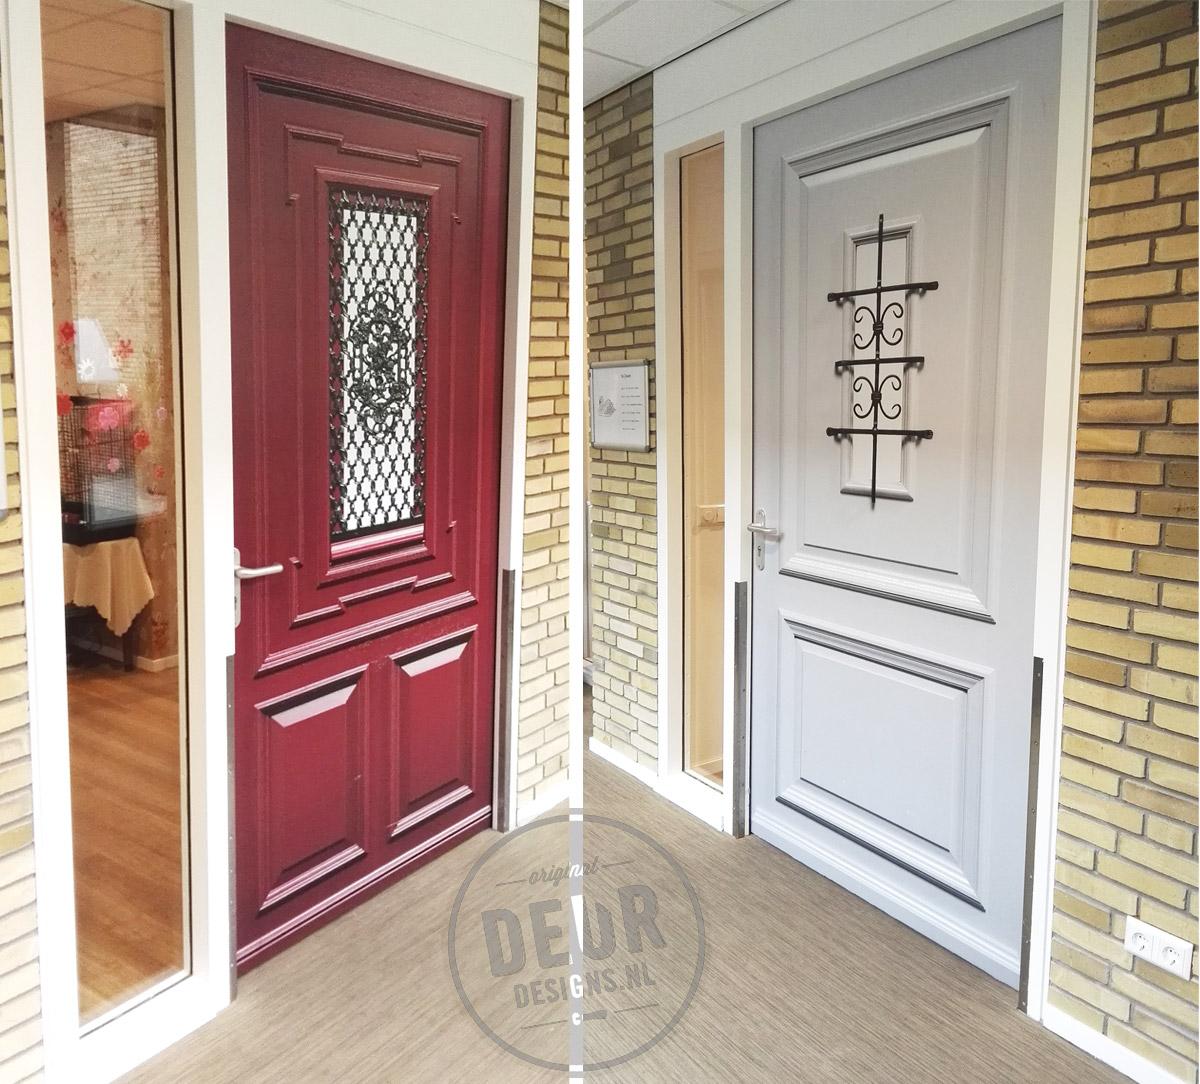 deursticker-dementie2